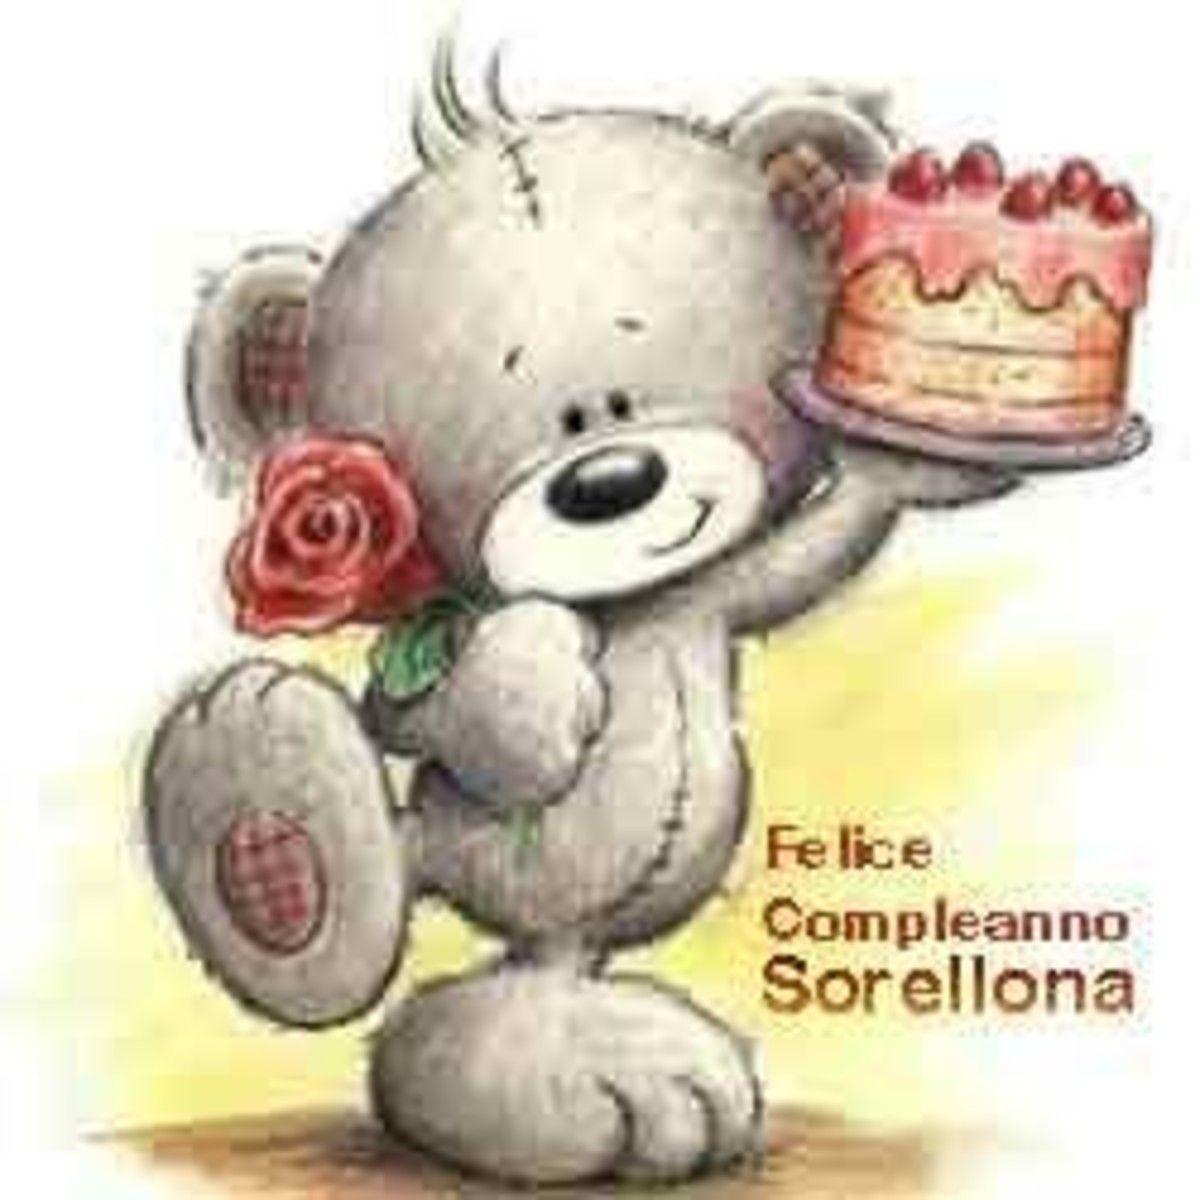 Felice Compleanno Sorellona Buon Compleanno Compleanno Auguri